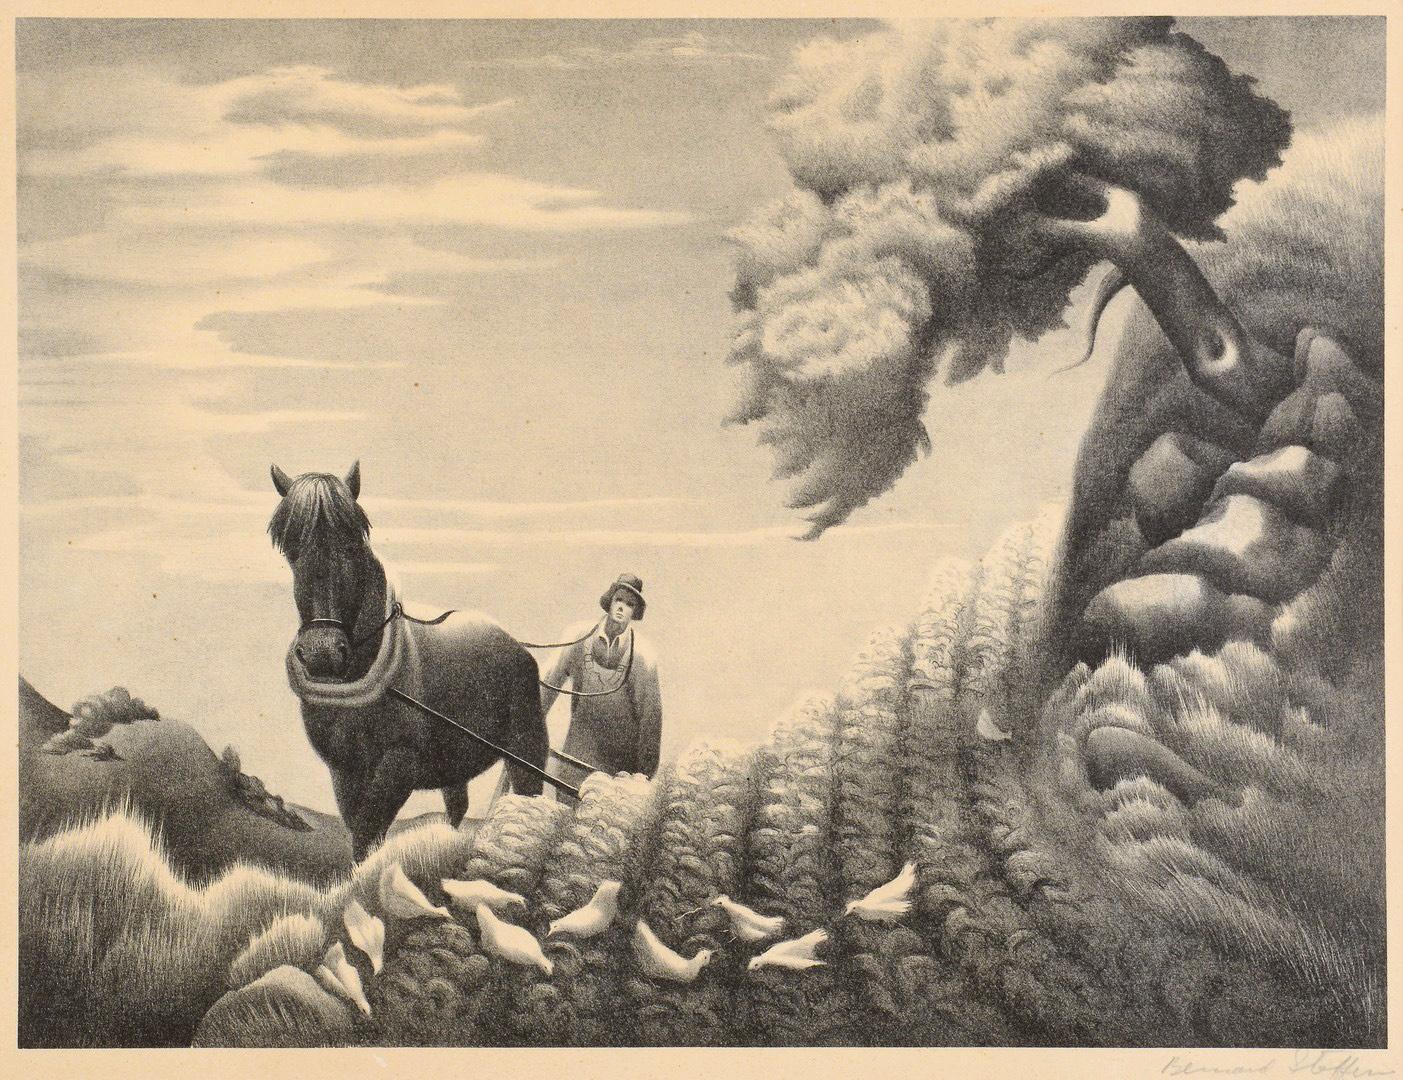 Bernard-Steffen-Upland-1935.jpg